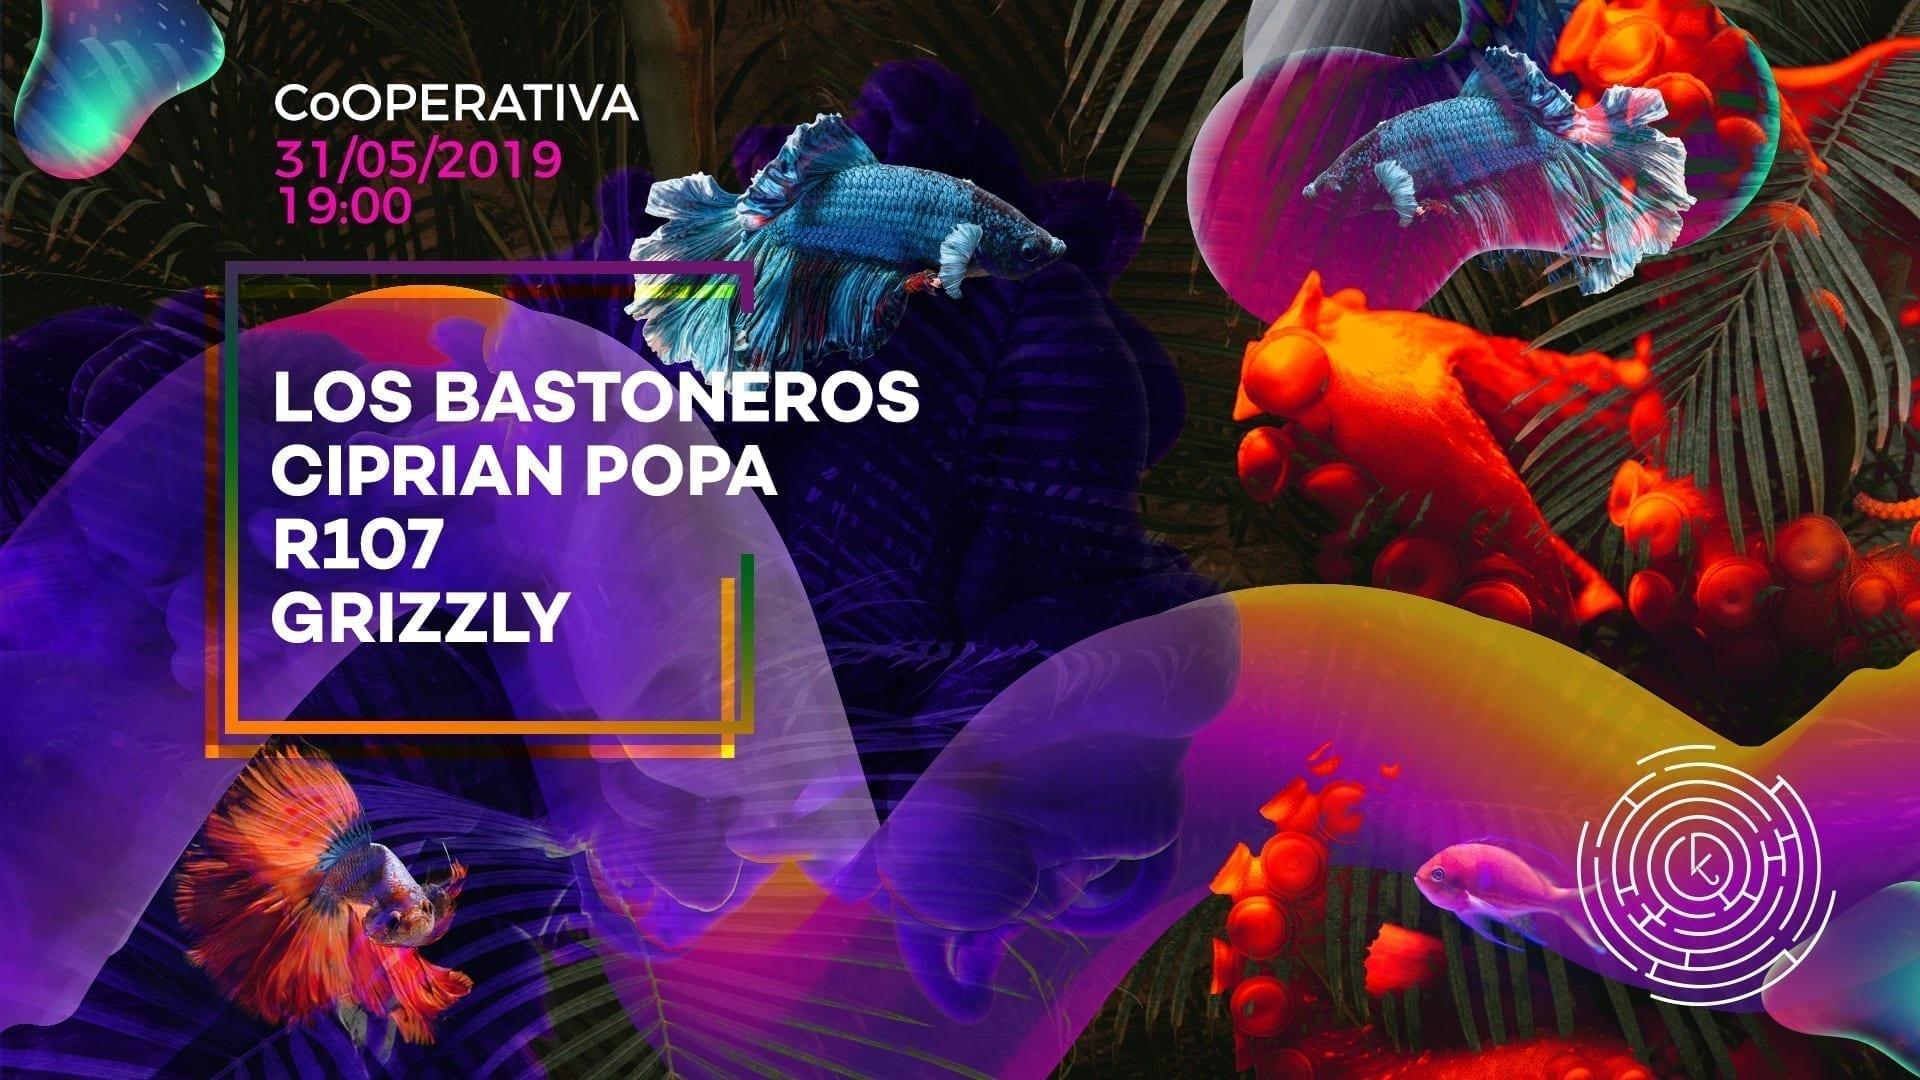 Kapture with Los Bastoneros, Ciprian Popa, R107, Grizzly